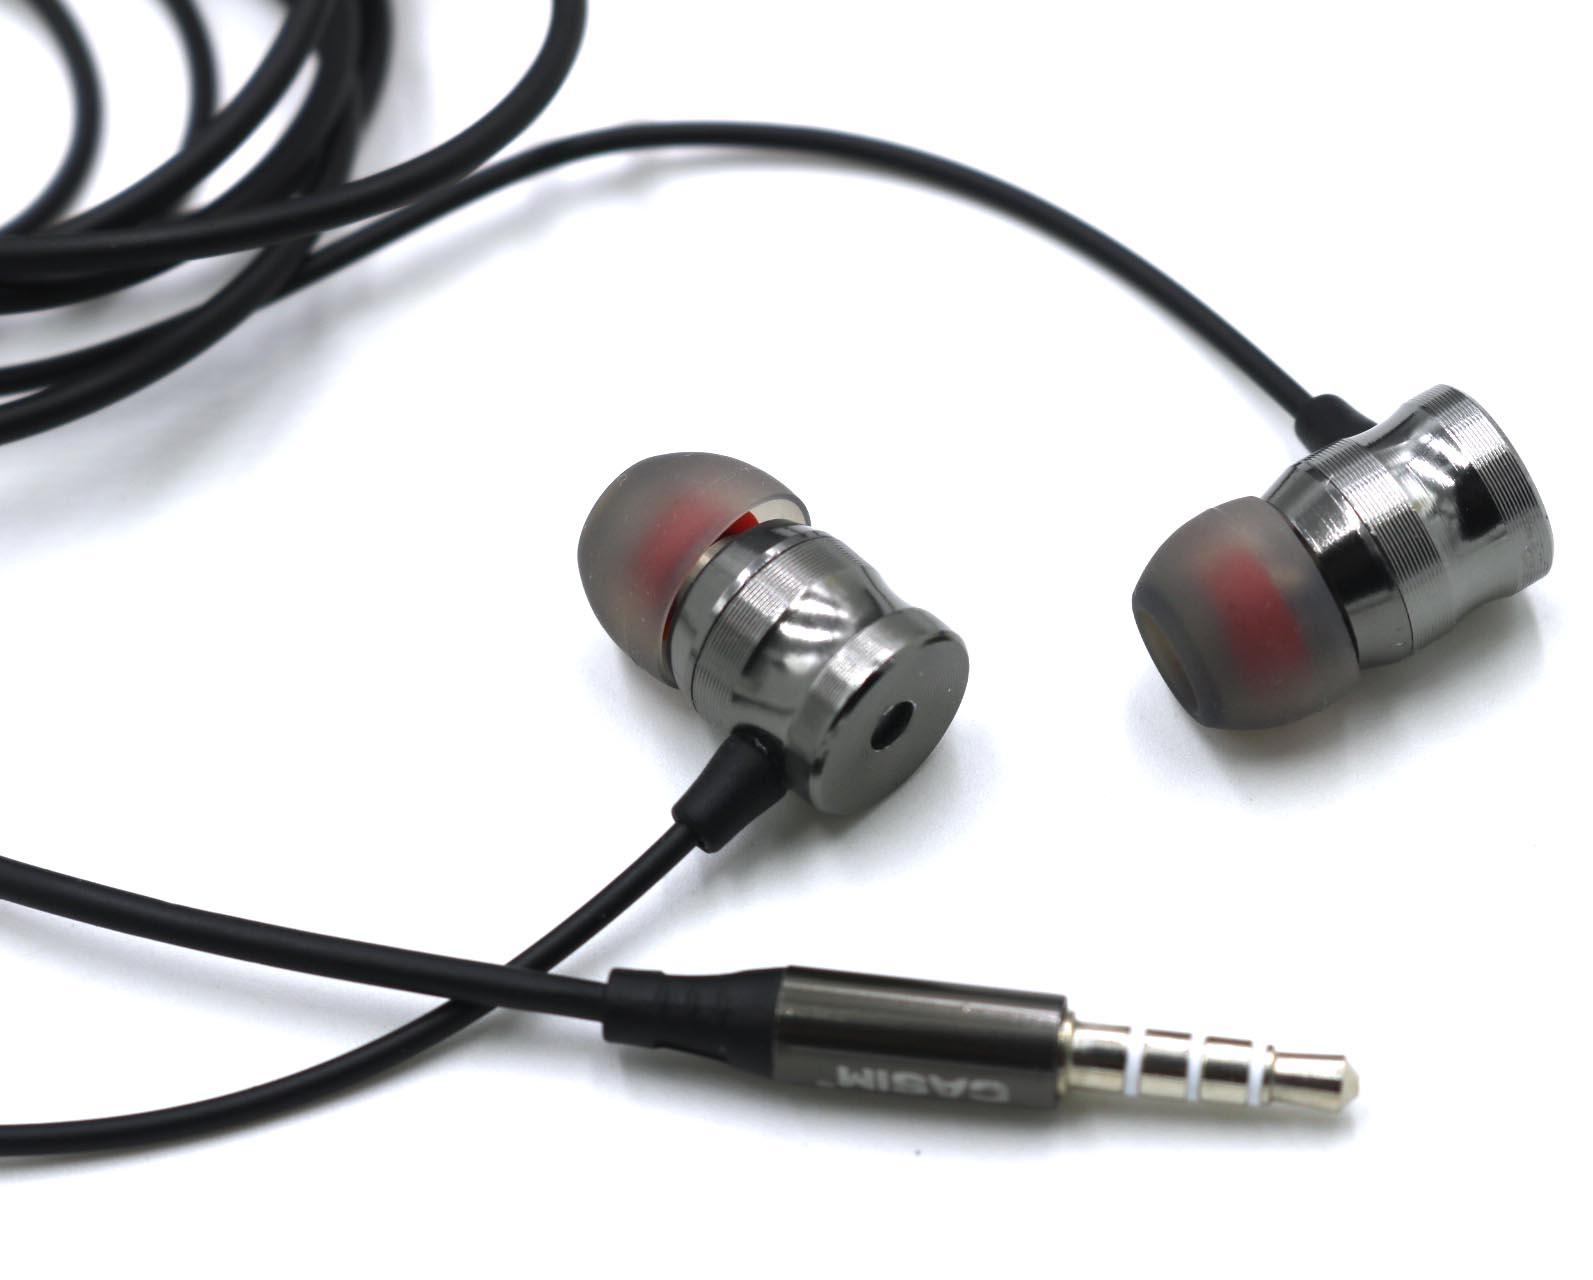 Yeni Casim R5 In-kulak Kulaklık Kulaklık Metal Evrensel Kulaklık 1.2M 3.5MM Metal Kulaklık Ağır Bas Gürültü Yüksek çözünürlüklü kulaklıklar